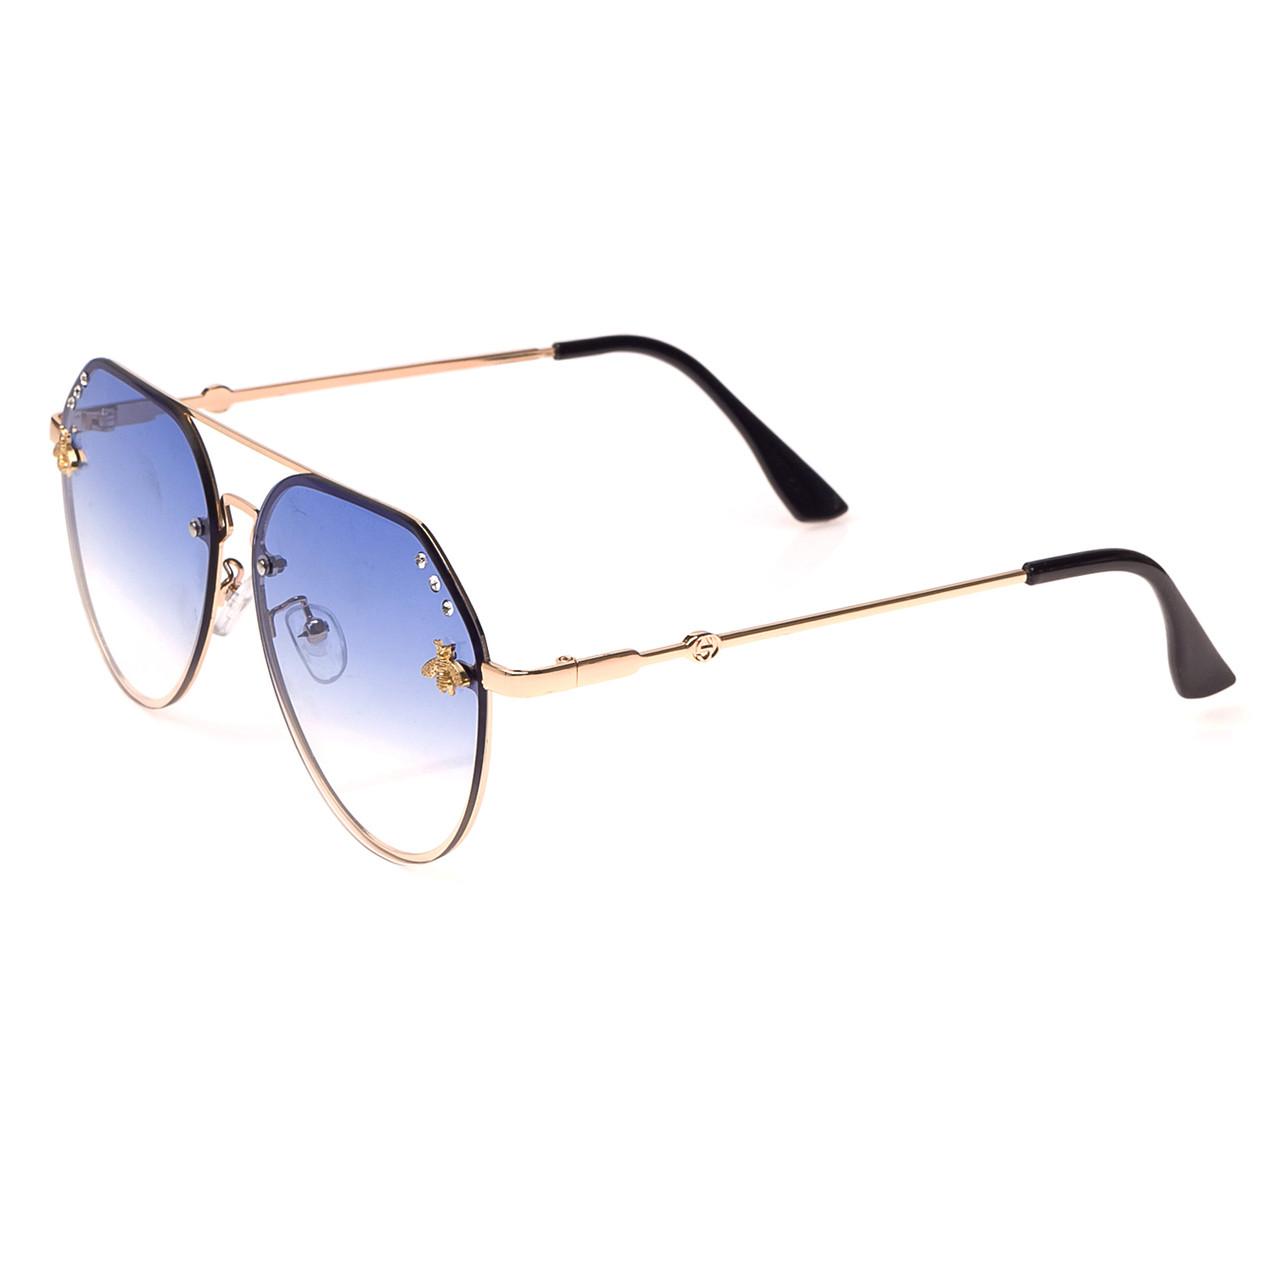 Солнцезащитные очки  Женские цвет Разноцветный      оправа-сплав металлов, линза-поликарбонат ( 1870 С6 )